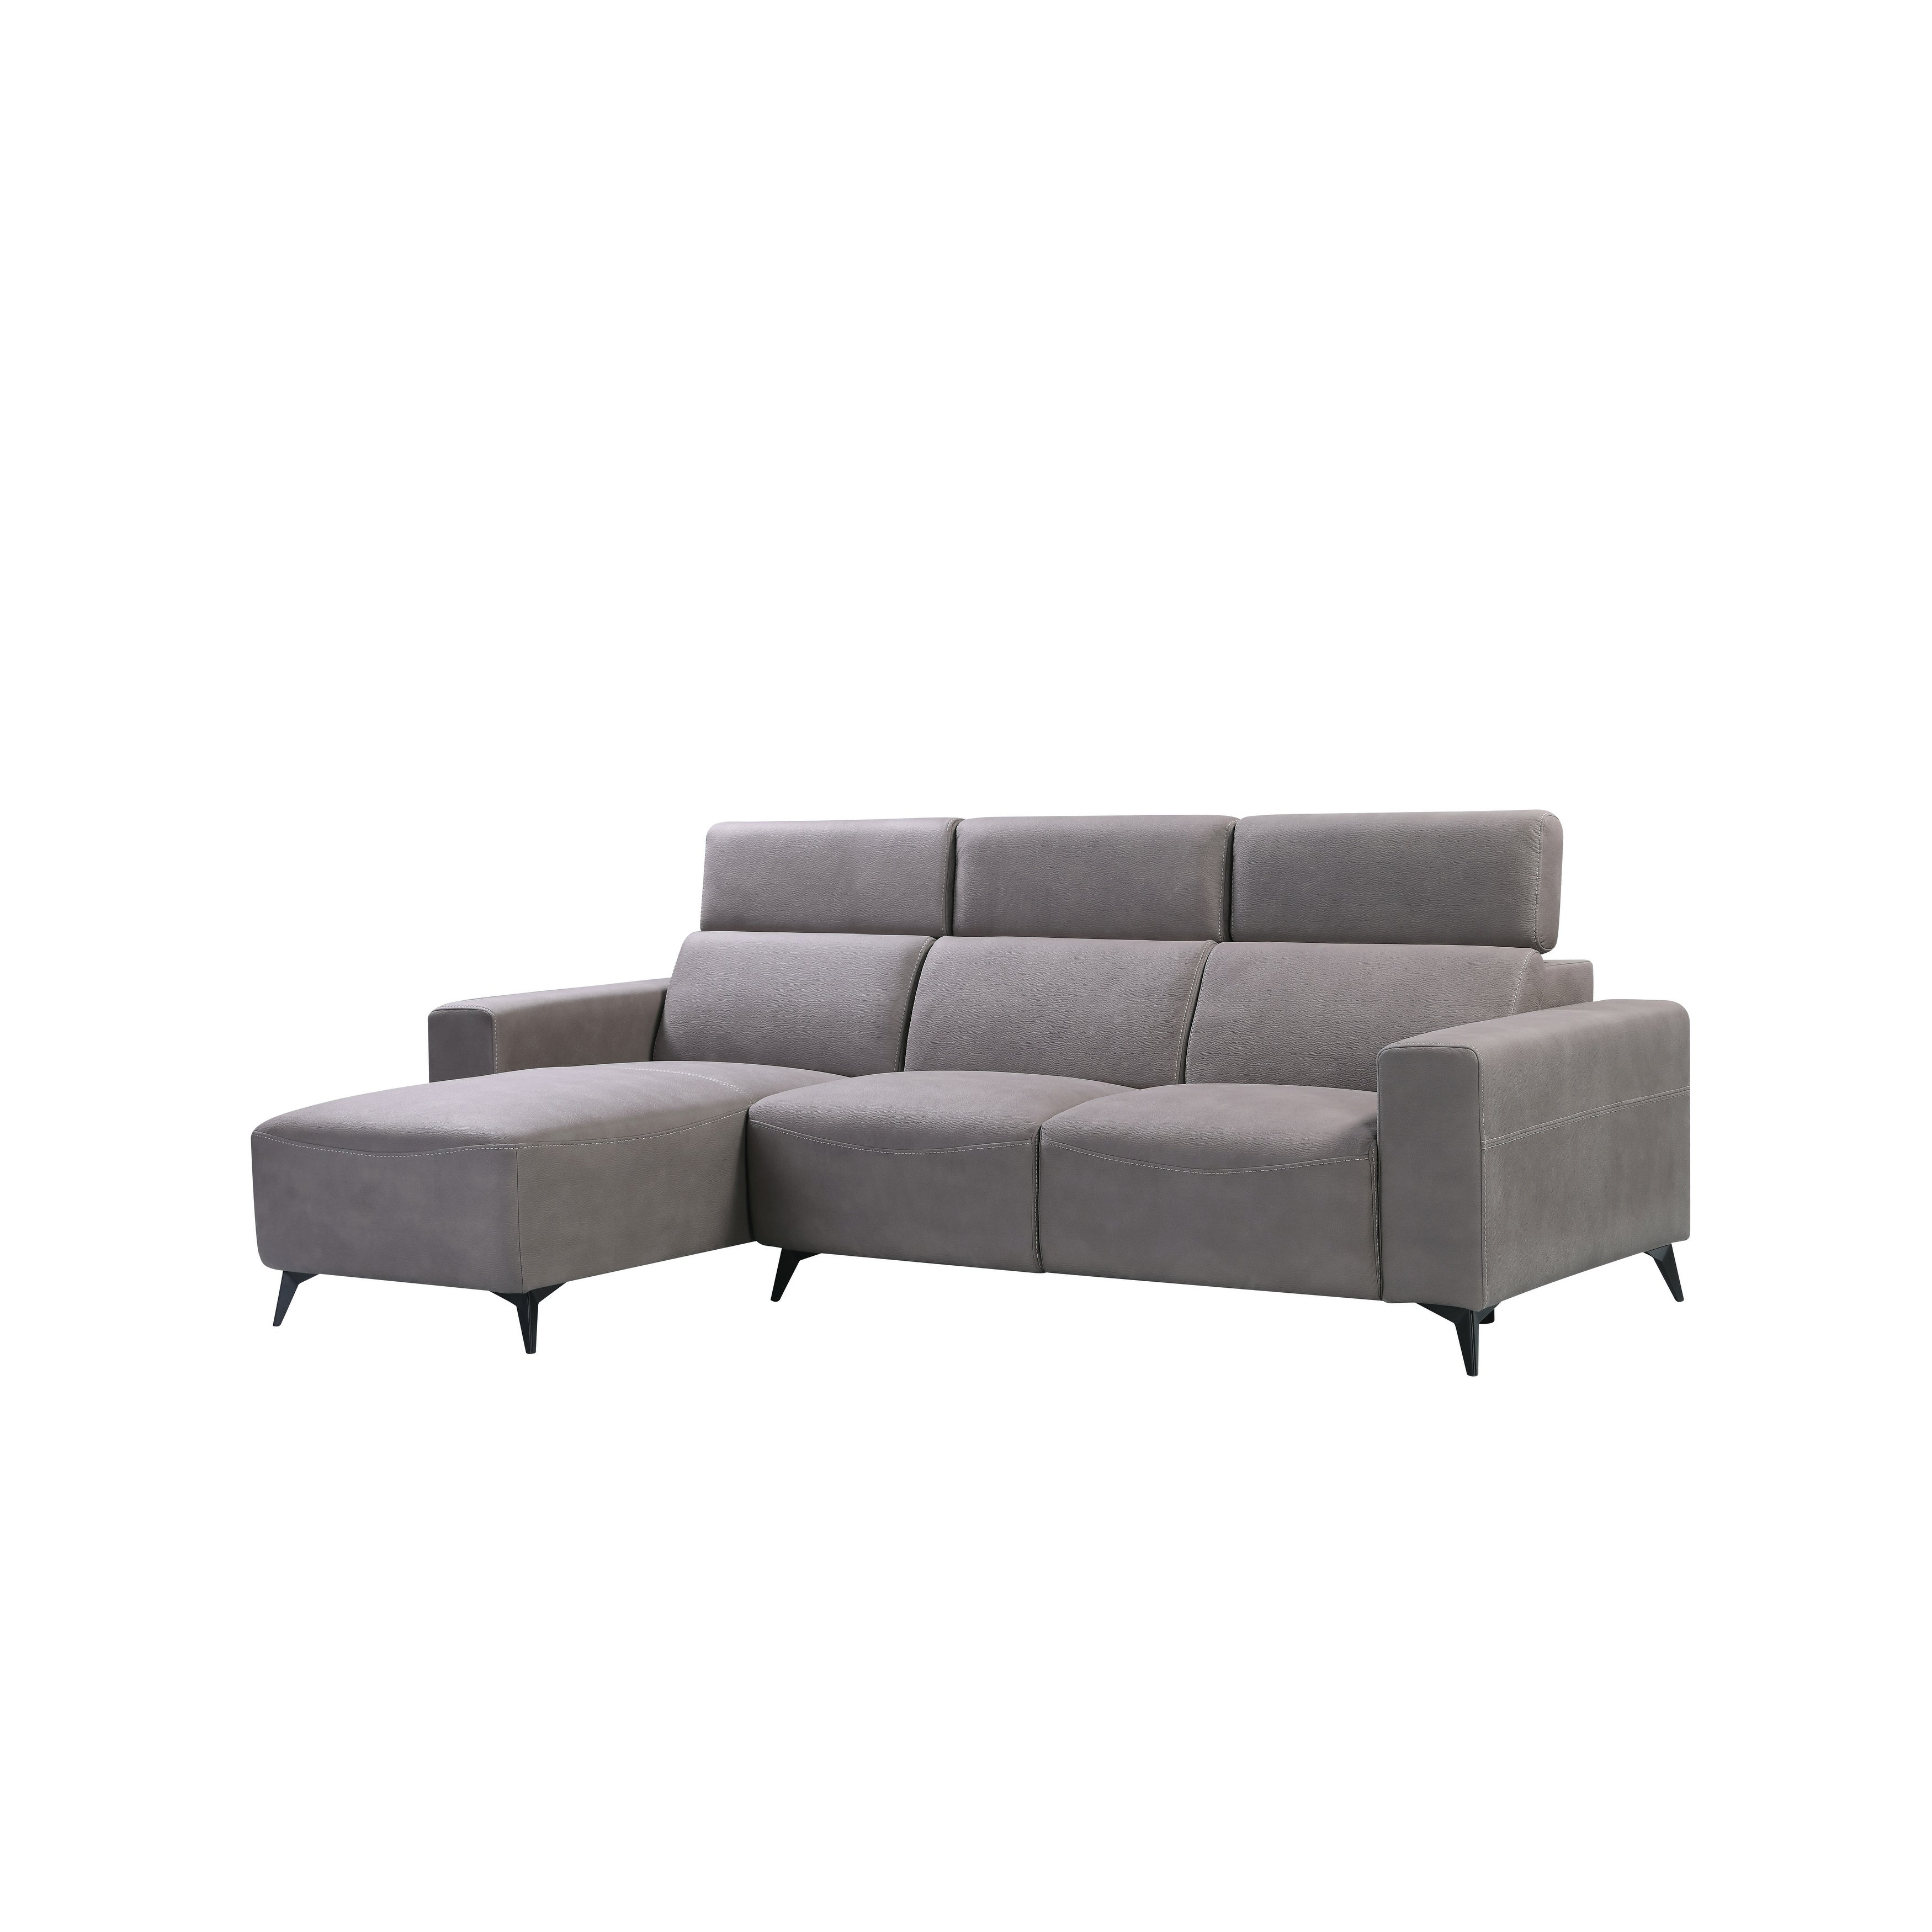 Modern Bari Sectional Sofa